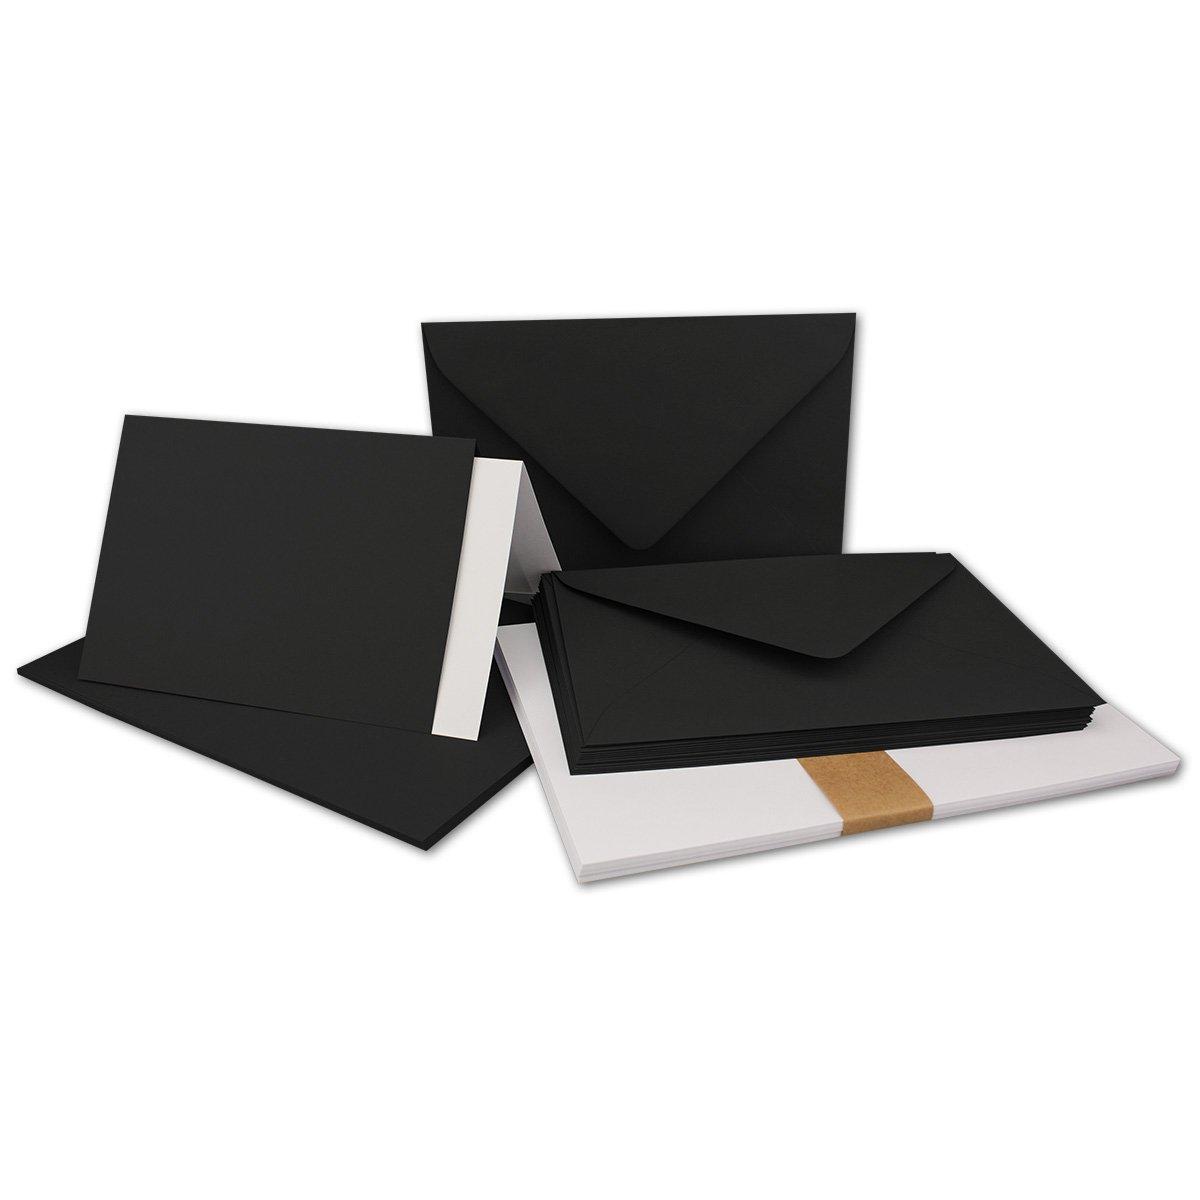 150 Sets - Faltkarten Hellgrau - DIN A5  Umschläge  Einlegeblätter DIN C5 - PREMIUM QUALITÄT - sehr formstabil - Qualitätsmarke  NEUSER FarbenFroh B07C2XH4HY | Realistisch